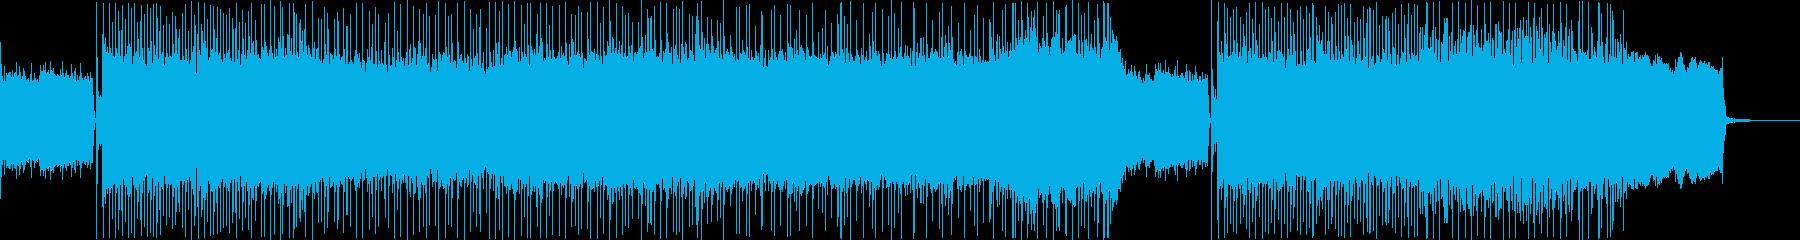 バトルに合うメタルBGMの再生済みの波形